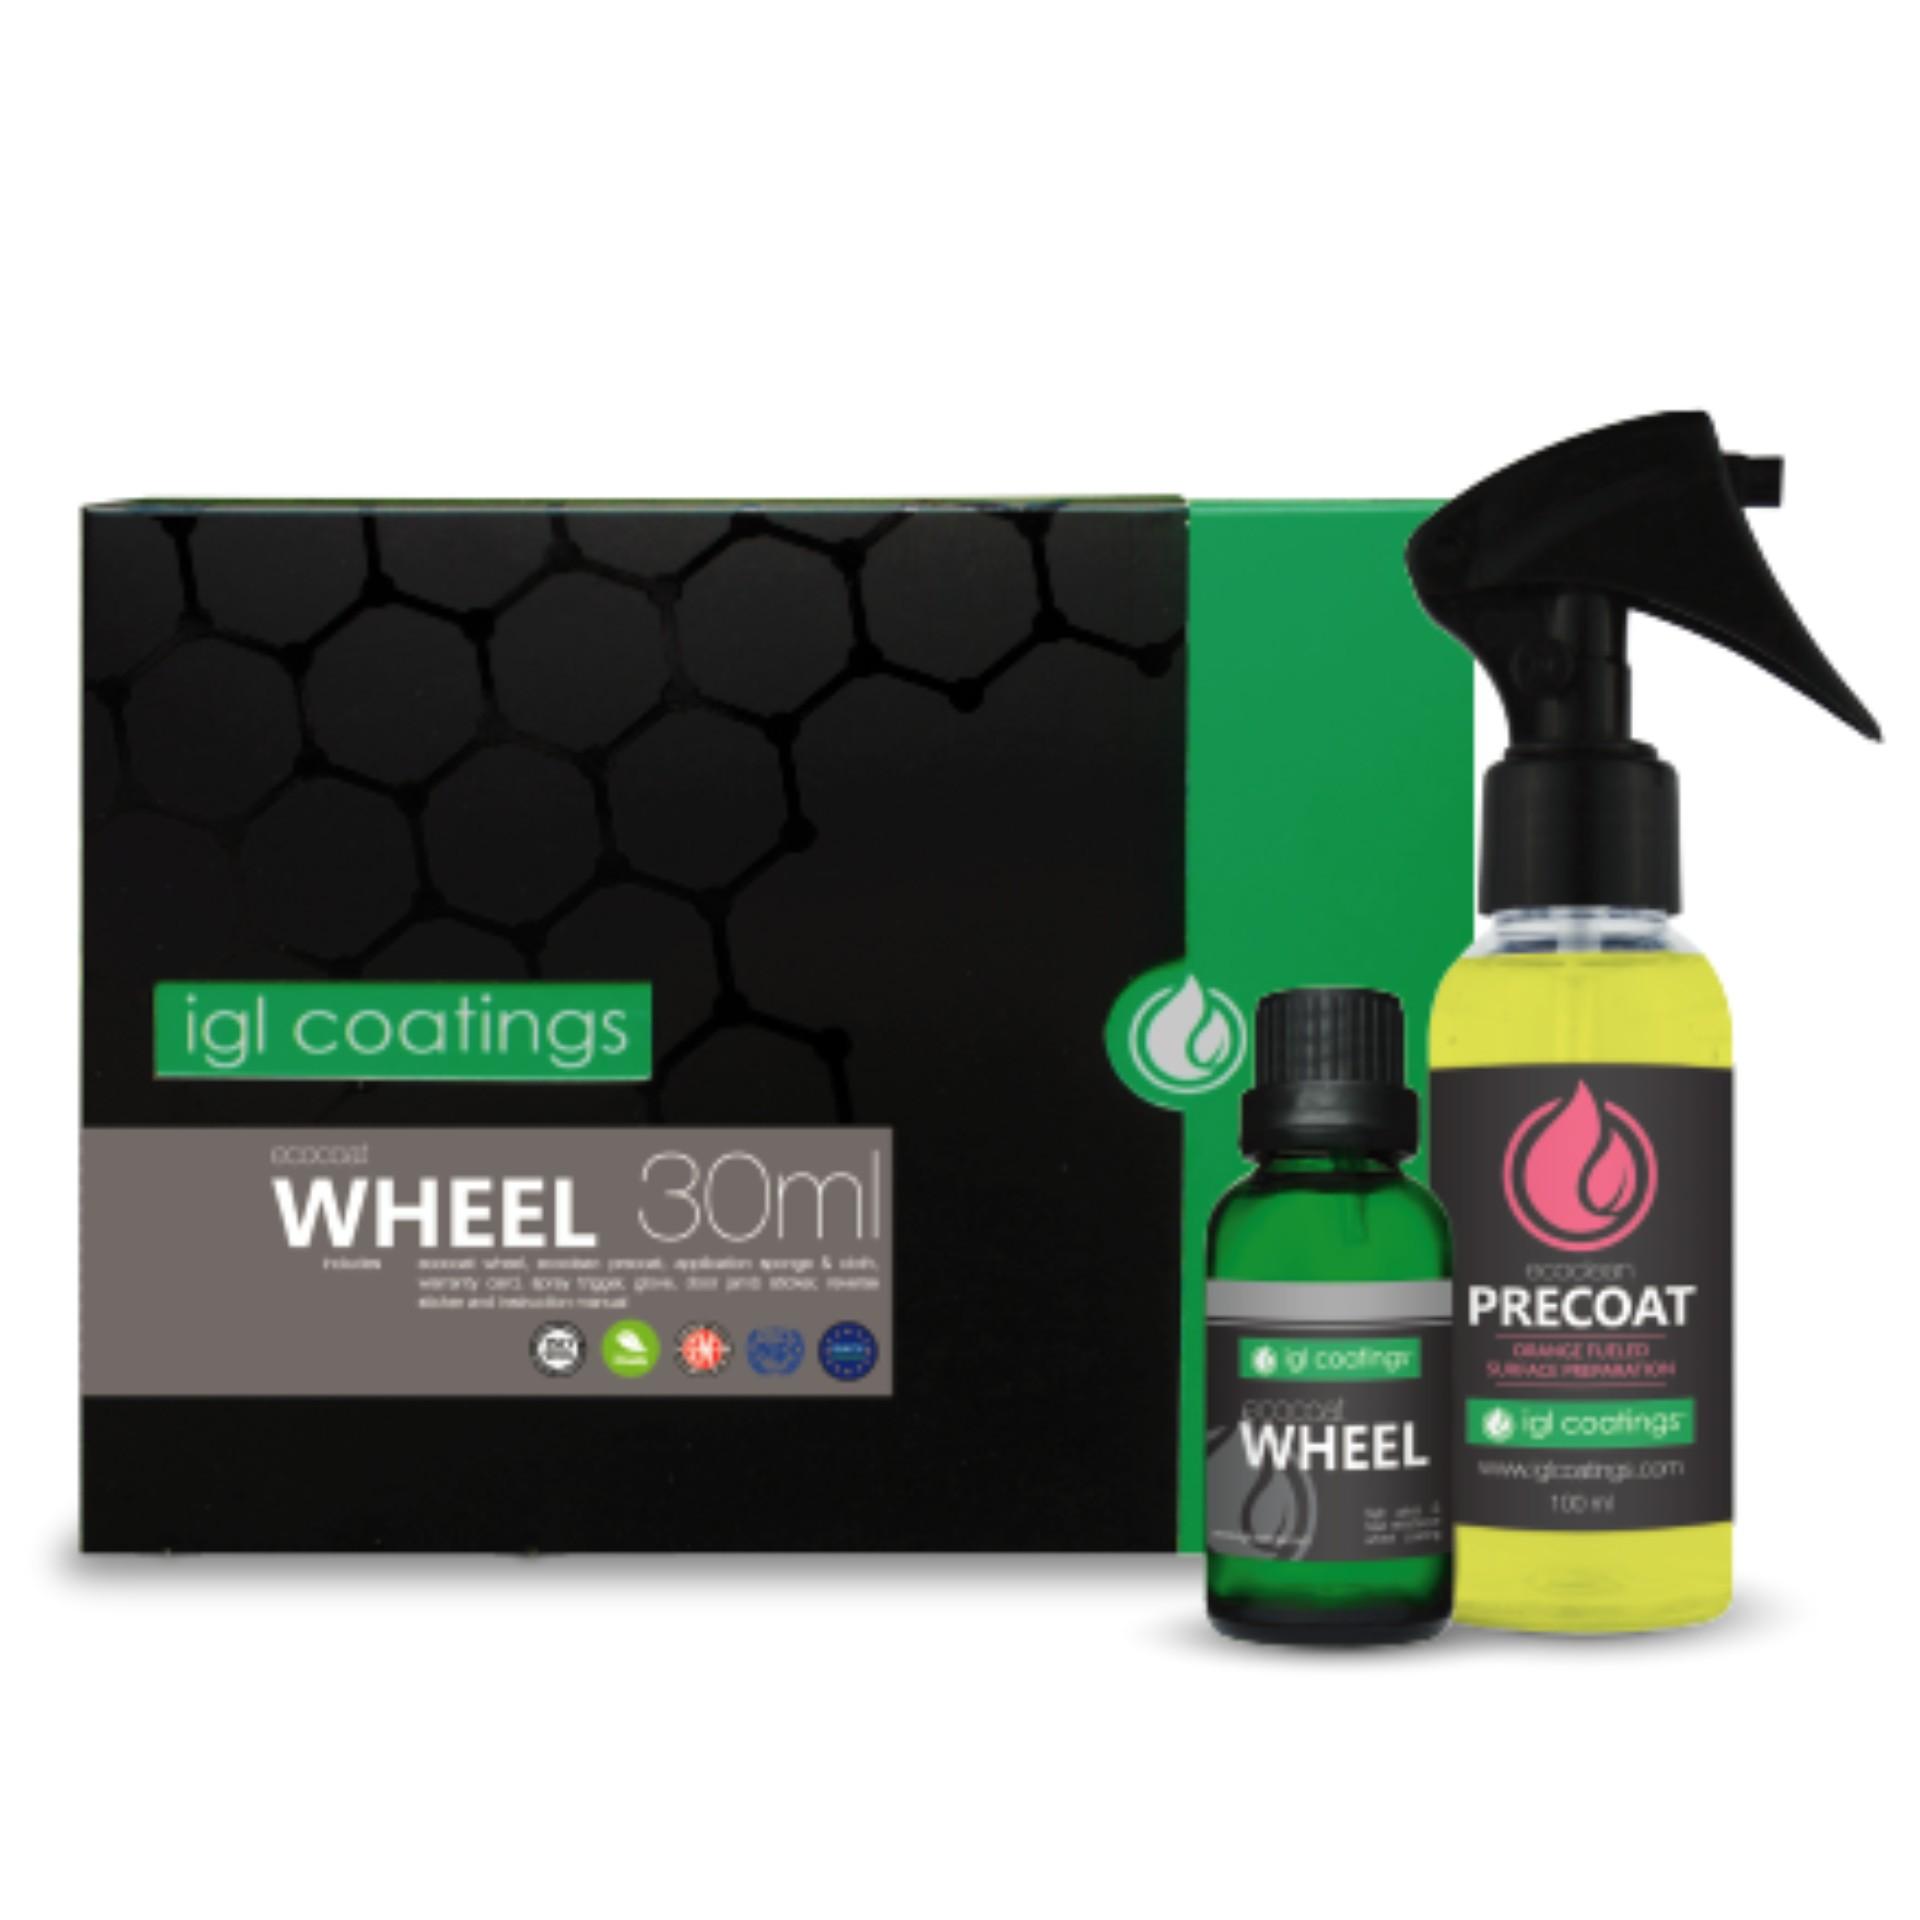 IGL Coating Wheel